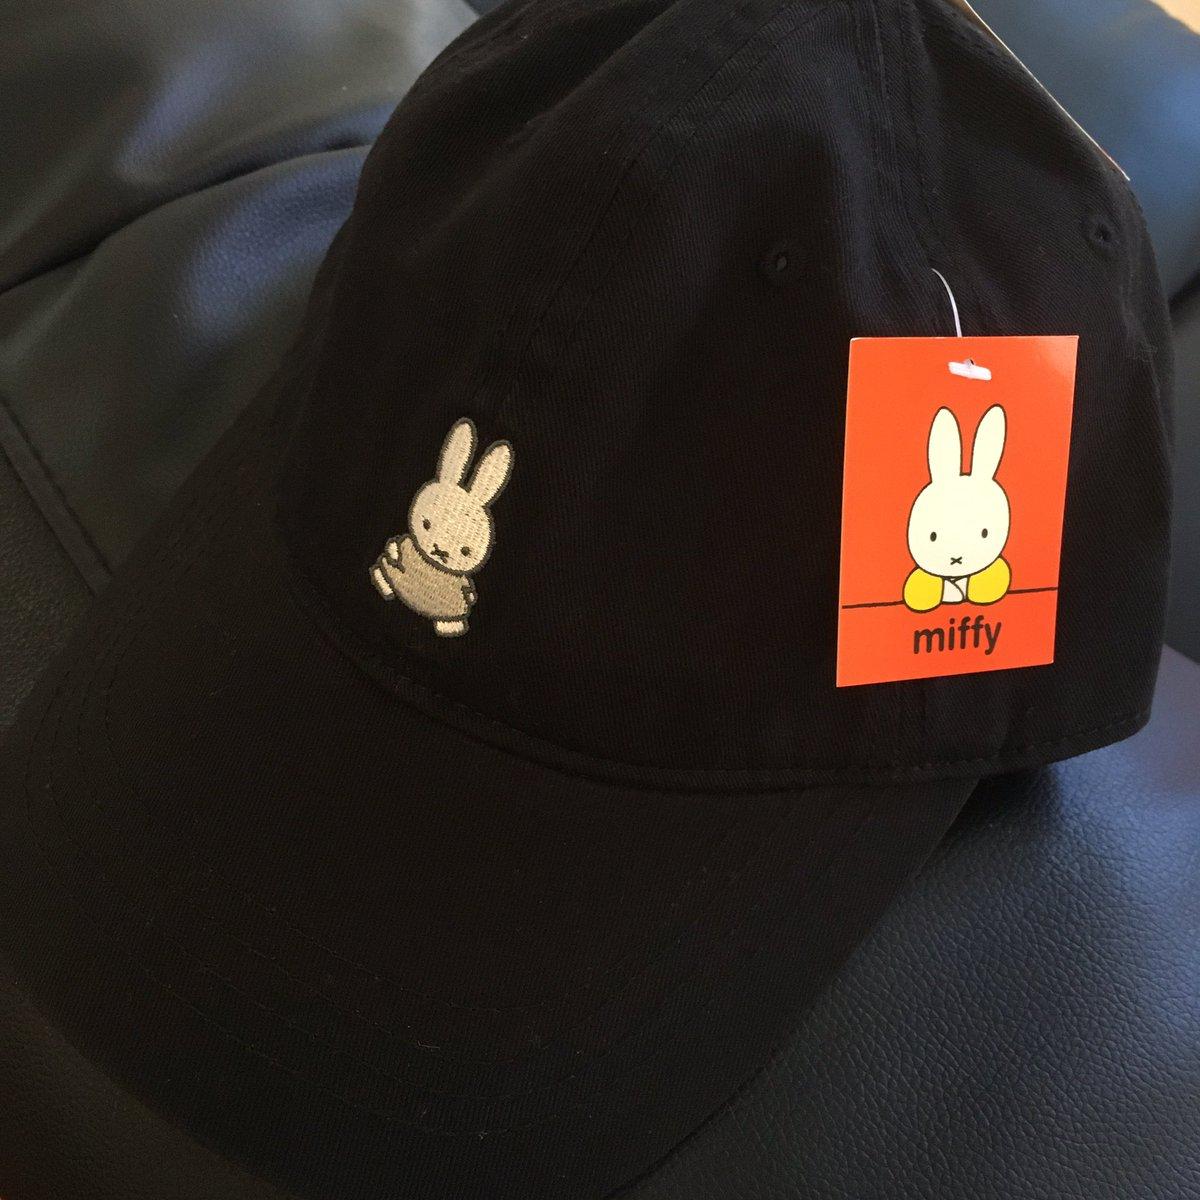 久しぶりのしまむら!やっぱり大好き〜(●´⌓`●)笑長女にミッフィーの帽子を購入〜💕ツバの部分がしっかりしてて、いいお買い物❣️#しまむら#しまパト